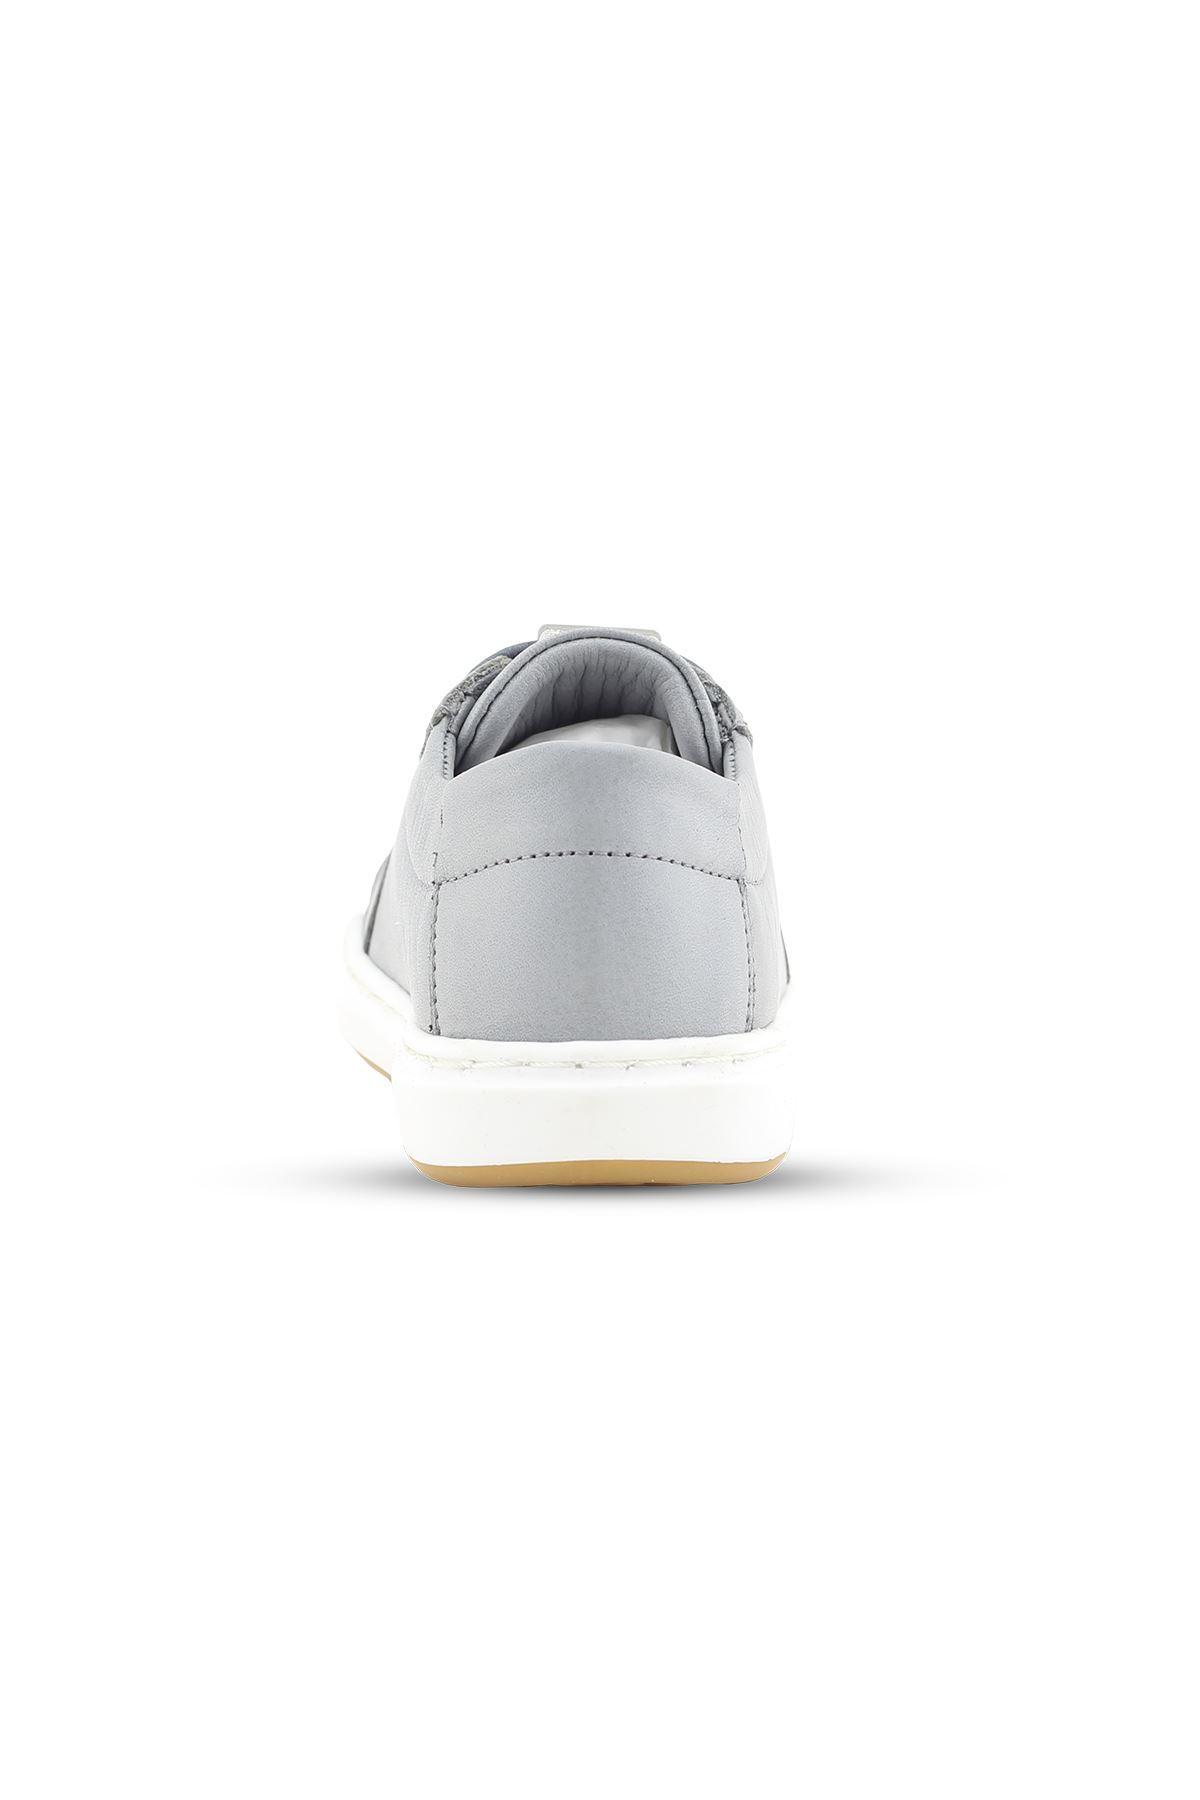 Gri Hakiki Deri Bebek/Çocuk ilk Adım Günlük Spor Ayakkabı - BB0405 GRİ